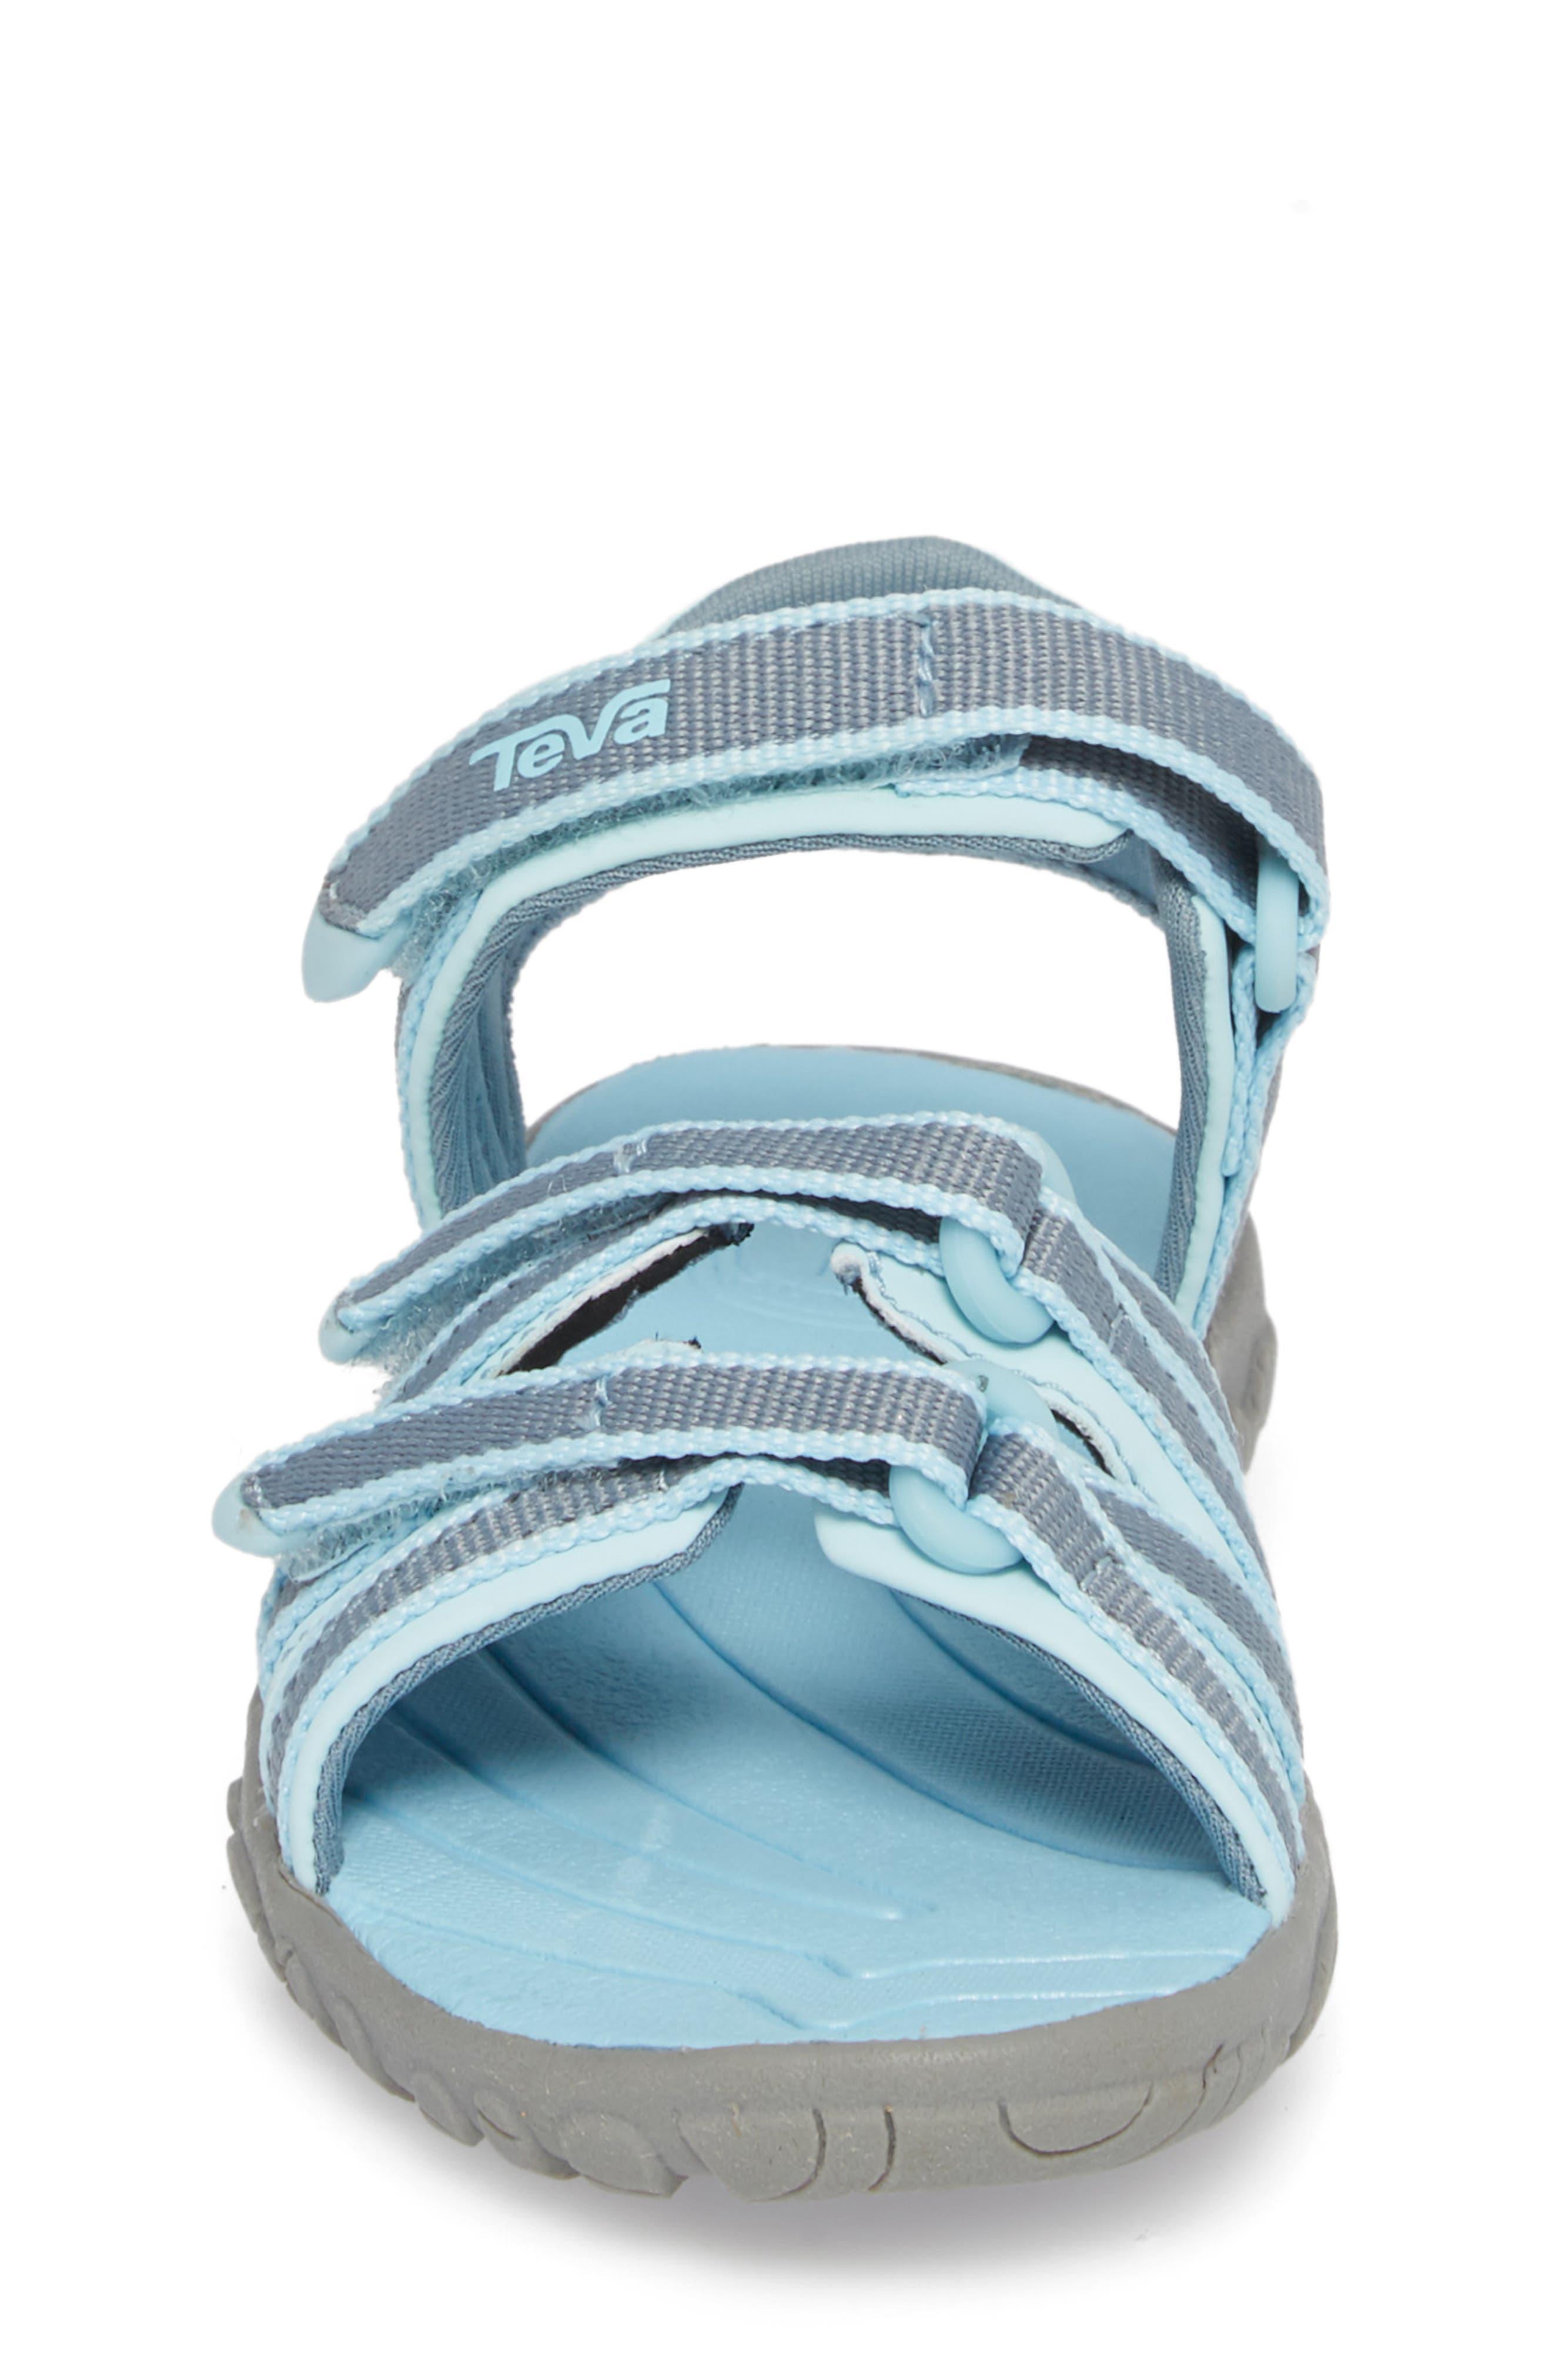 Tirra Sport Sandal,                             Alternate thumbnail 4, color,                             456